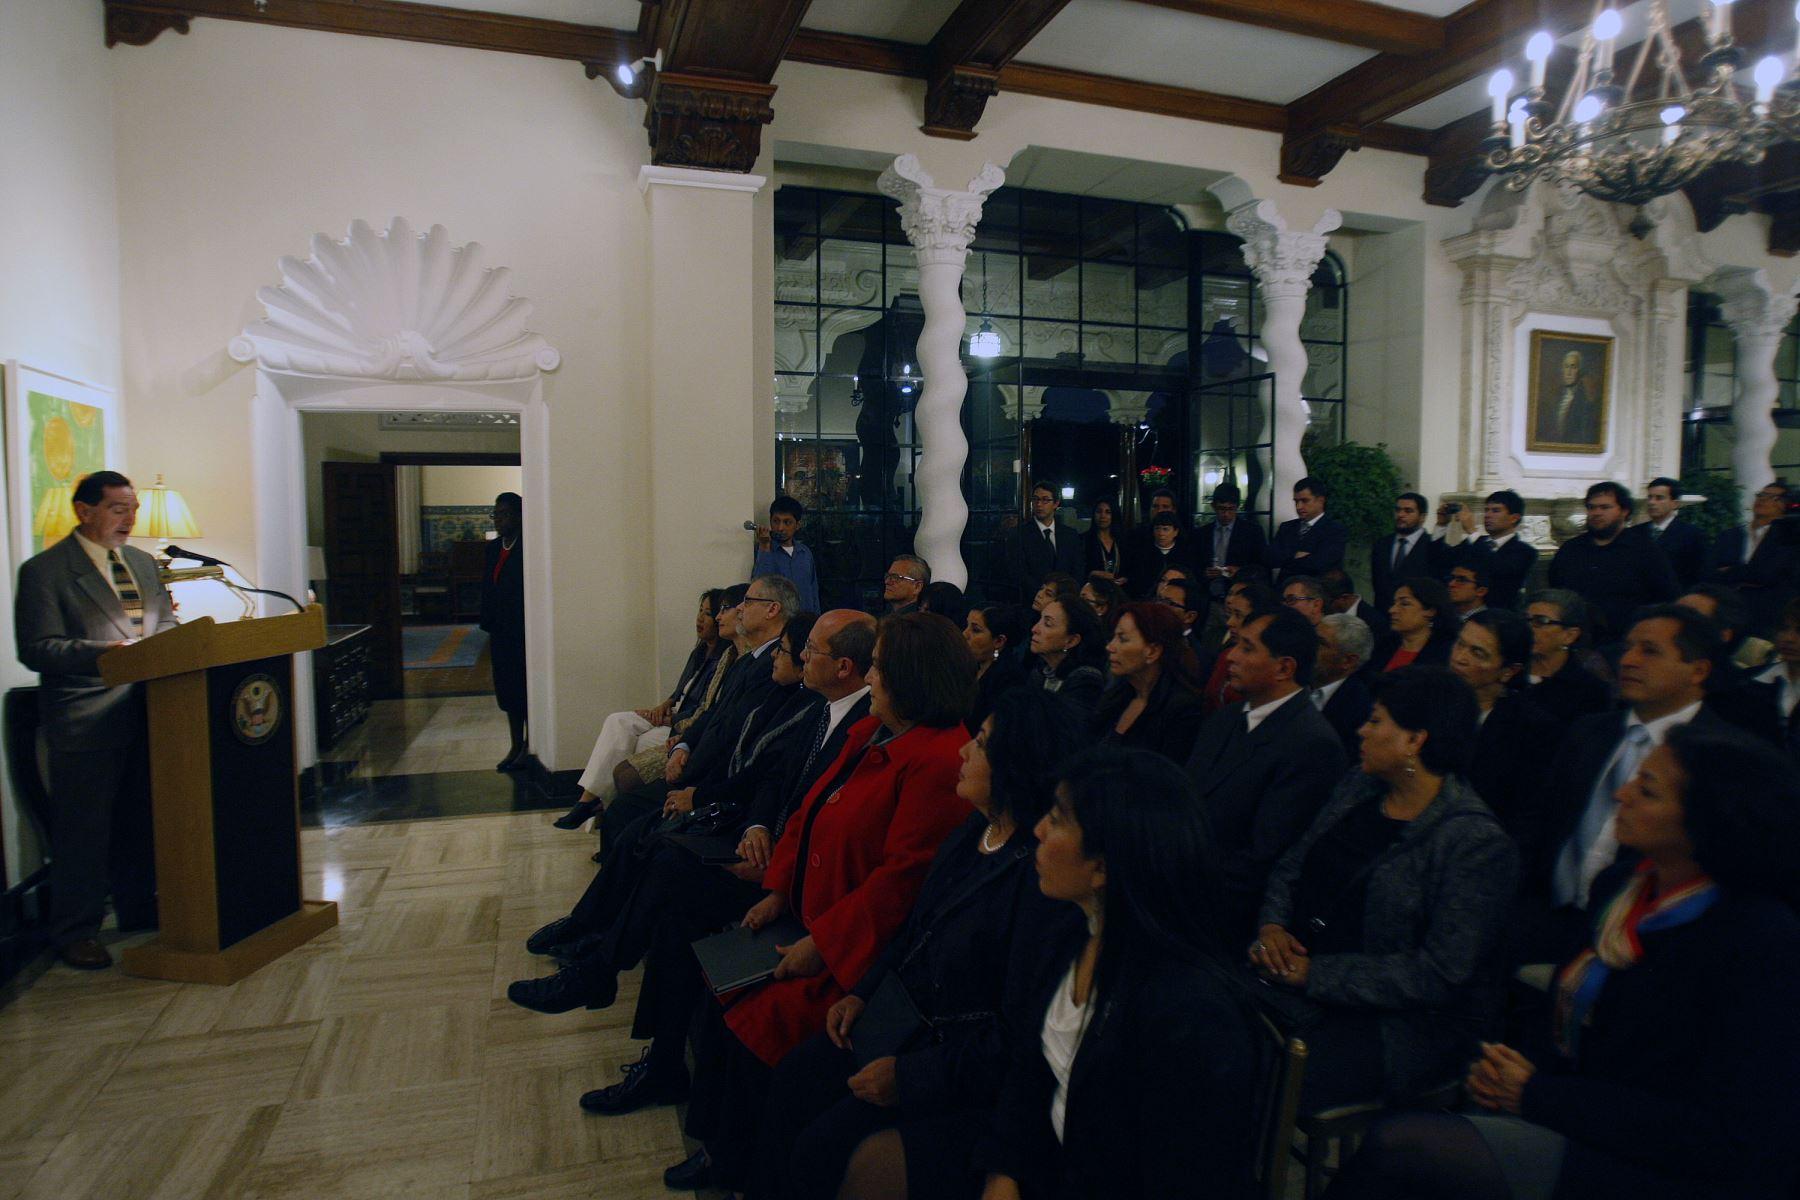 Lawrence J. Gumbiner Jefe de Mision Adjunto de la Embajada de Estados Unidos, entrega más de 200,000 mil dolares en apoyo al patrimonio cultural del Perú. ANDINA/Héctor Vinces